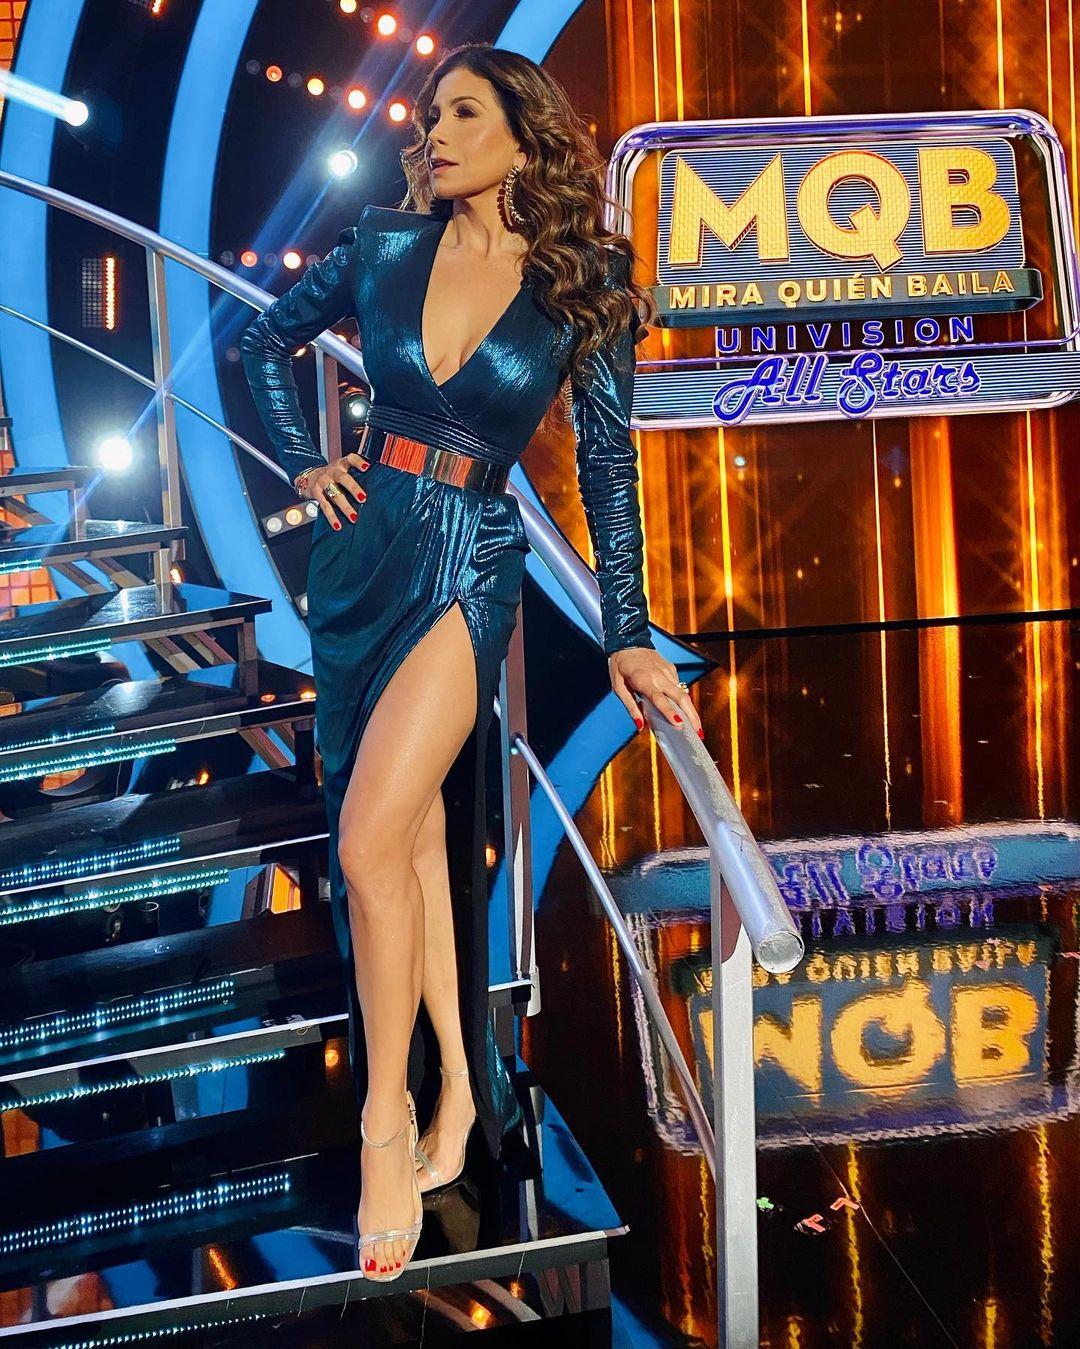 Mira quién baila, MGB, Patricia Manterola